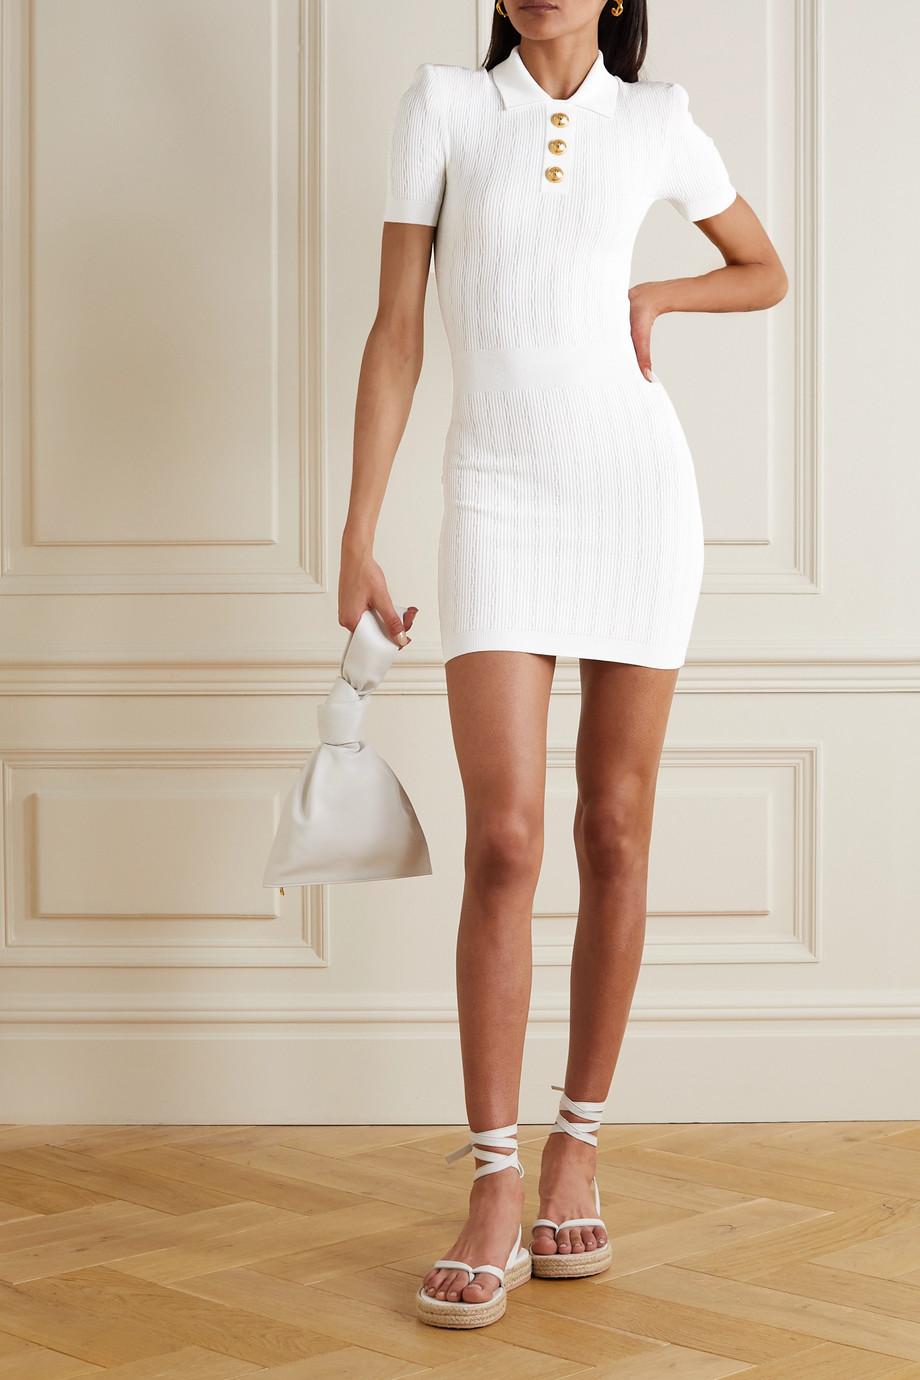 Balmain Minikleid aus Rippstrick mit Zierknöpfen